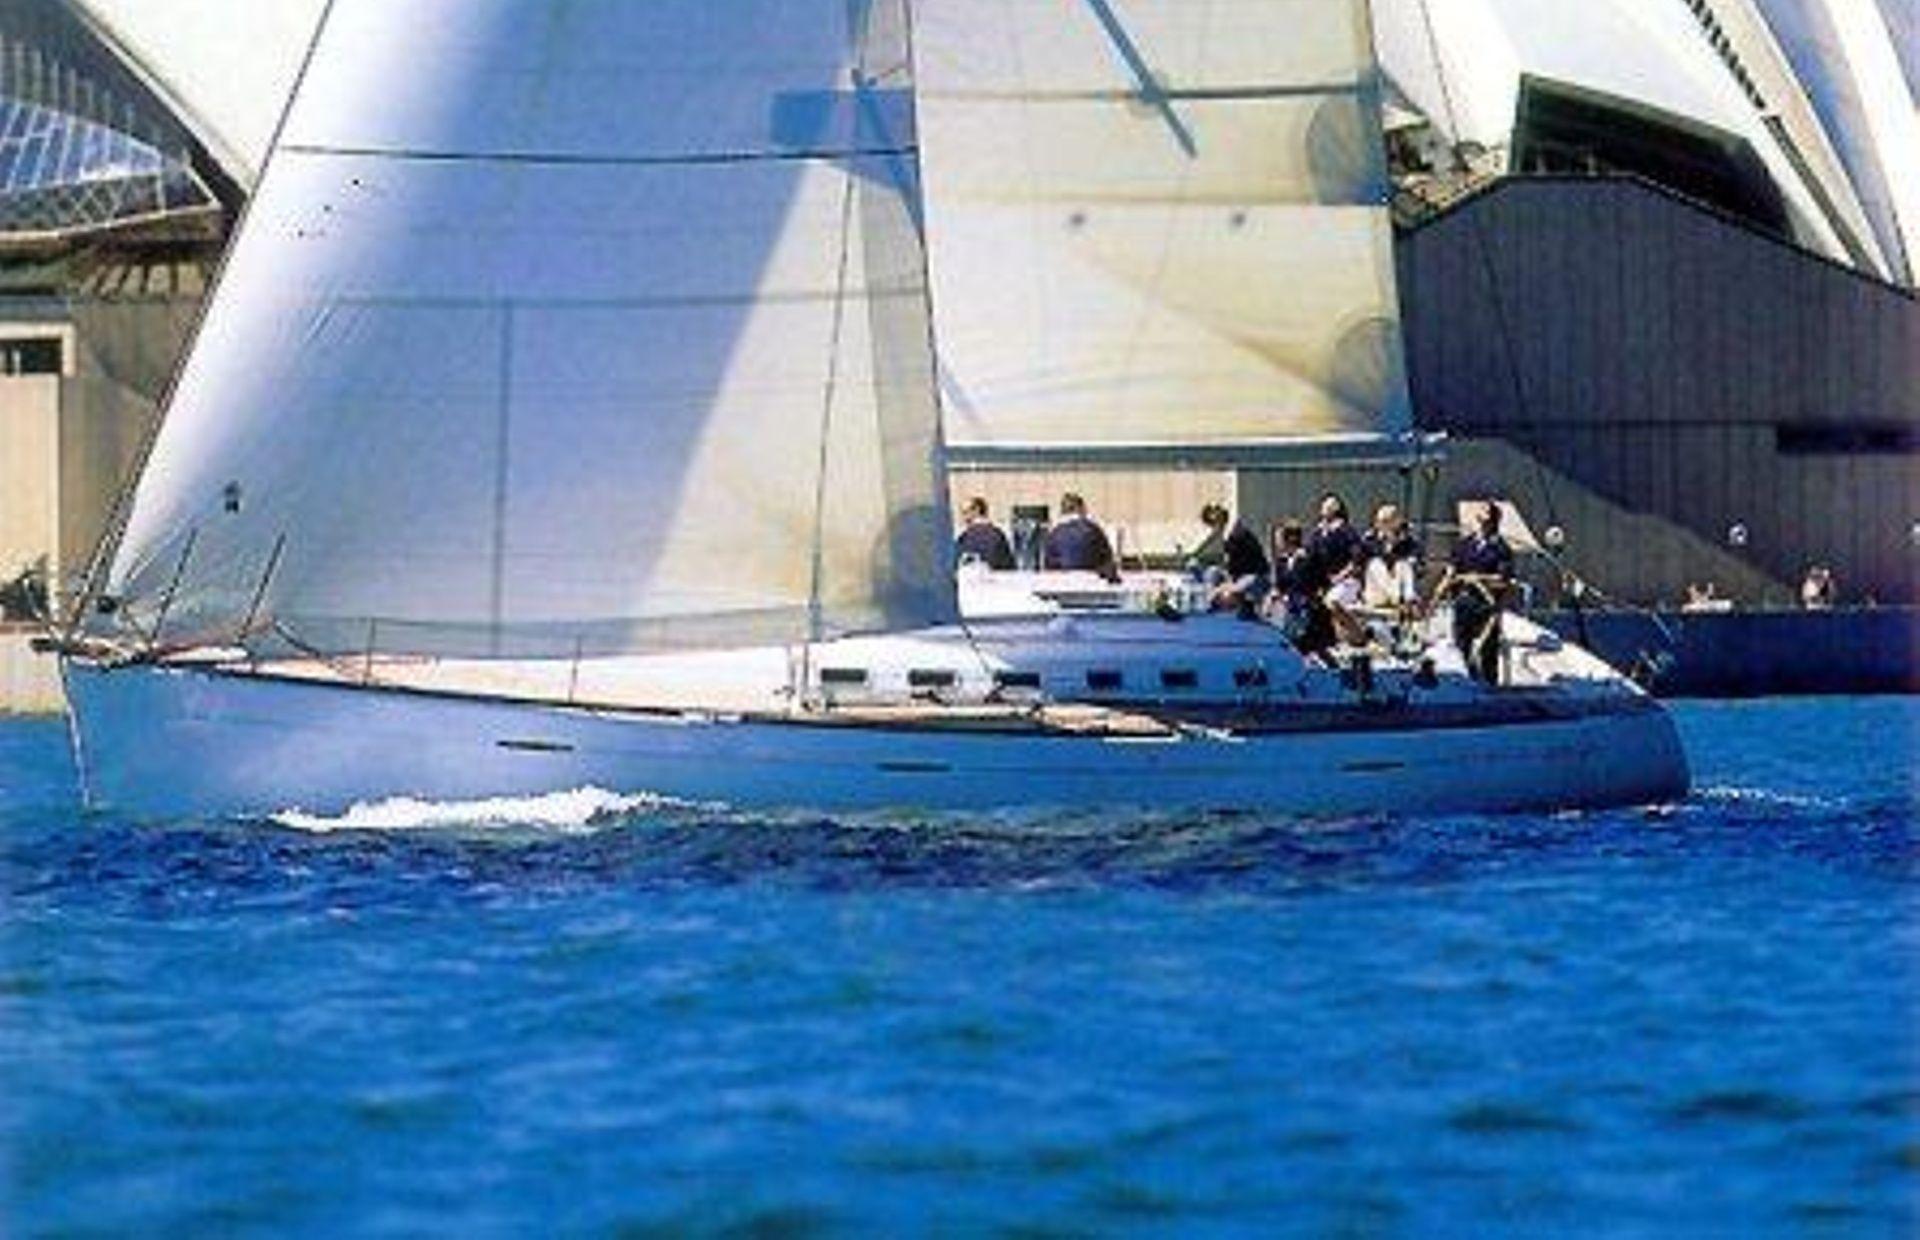 https://media.insailing.com/boat/first/image_1563260398657.jpg